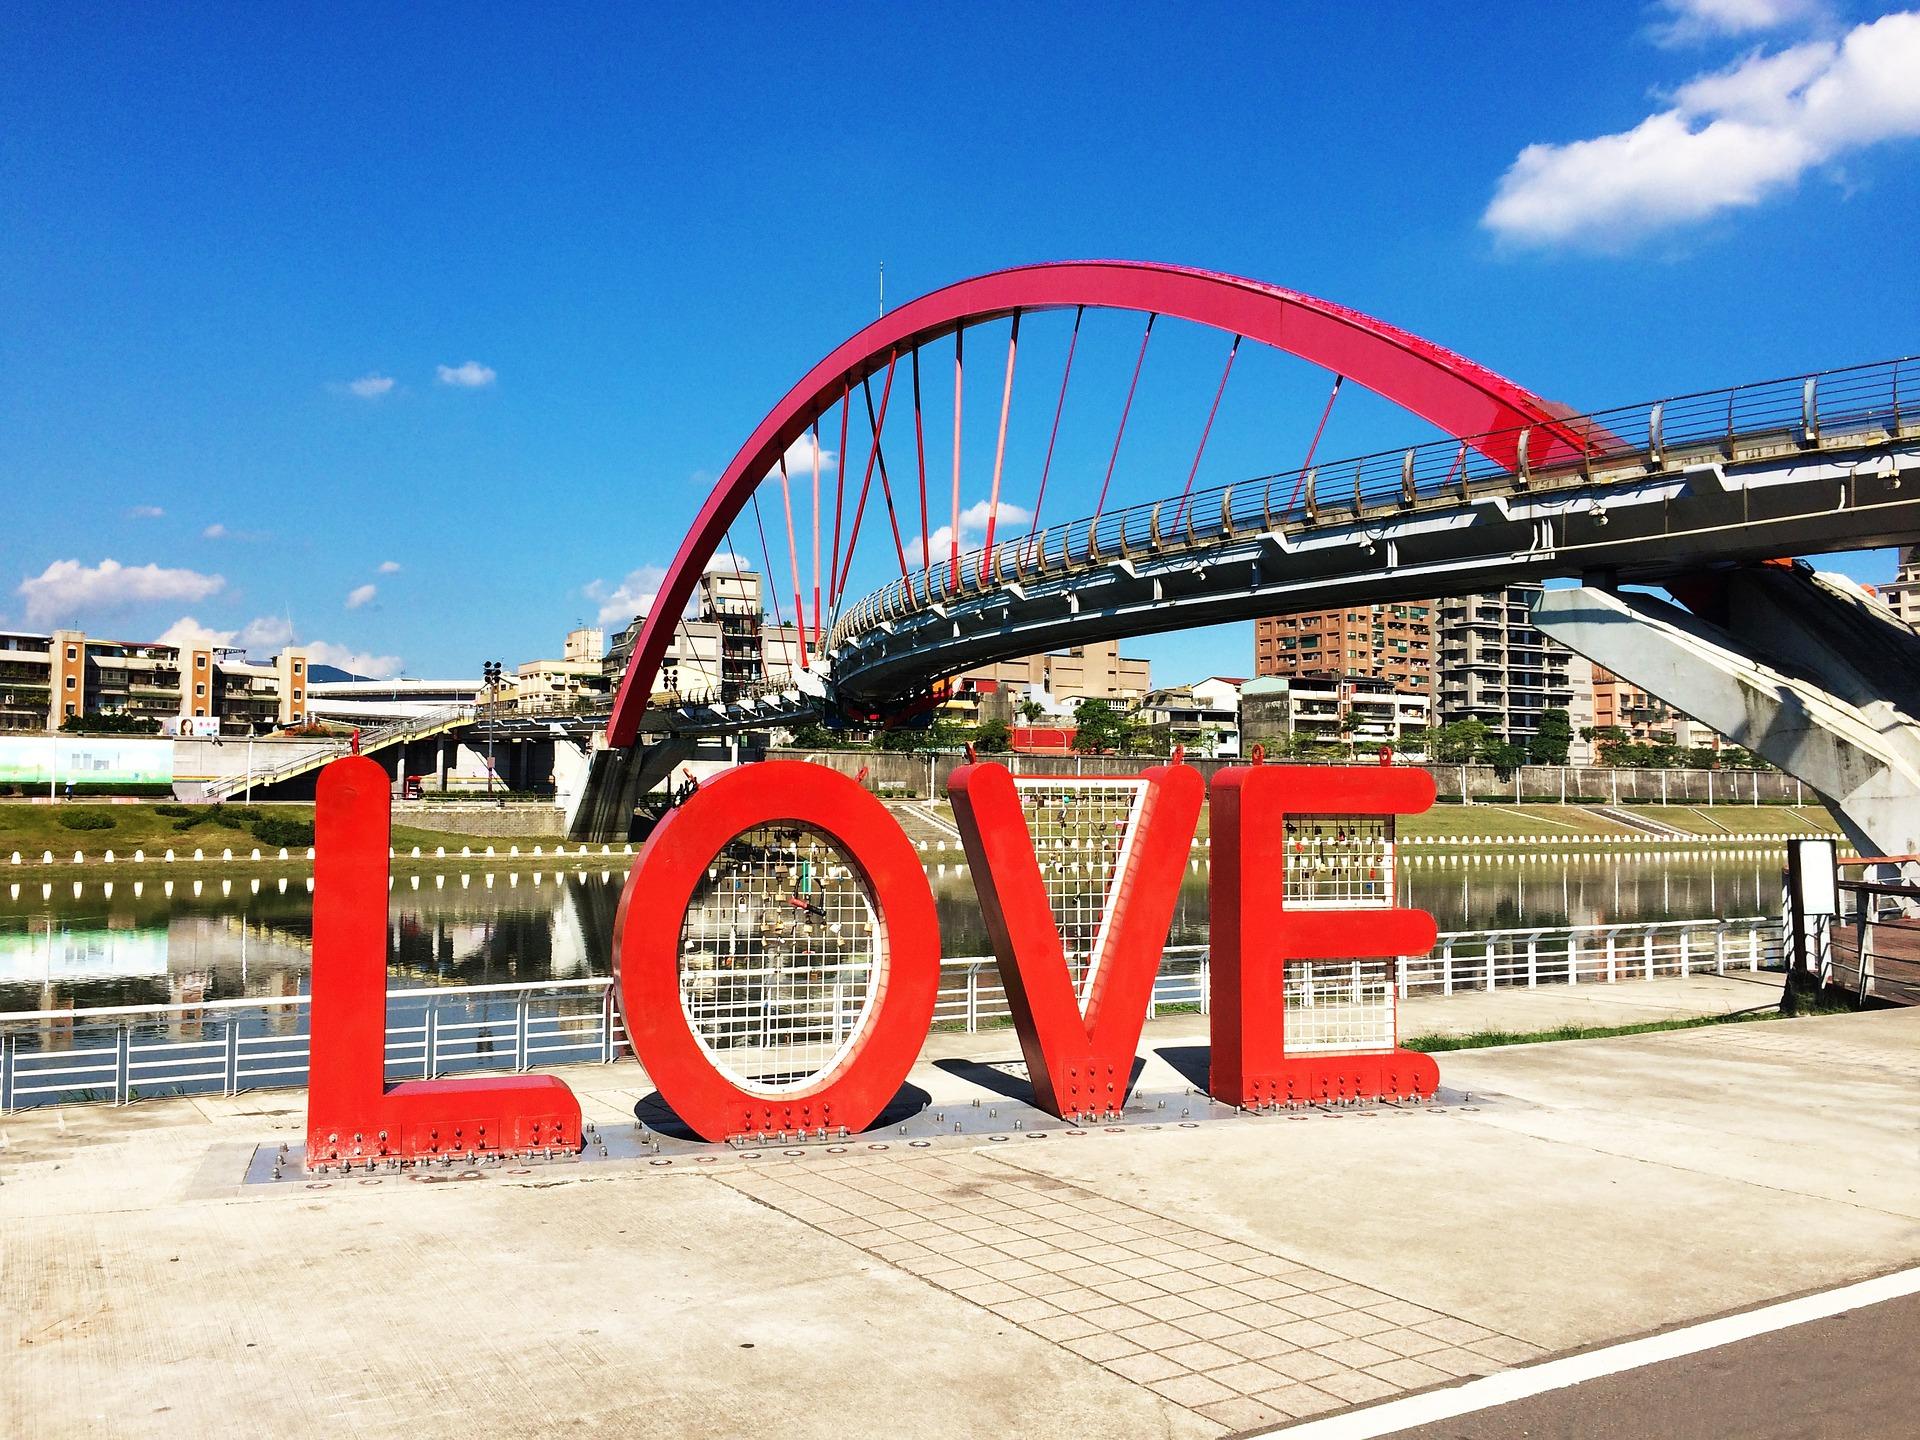 バリアフリーツアーで現地台湾旅行に行こう!